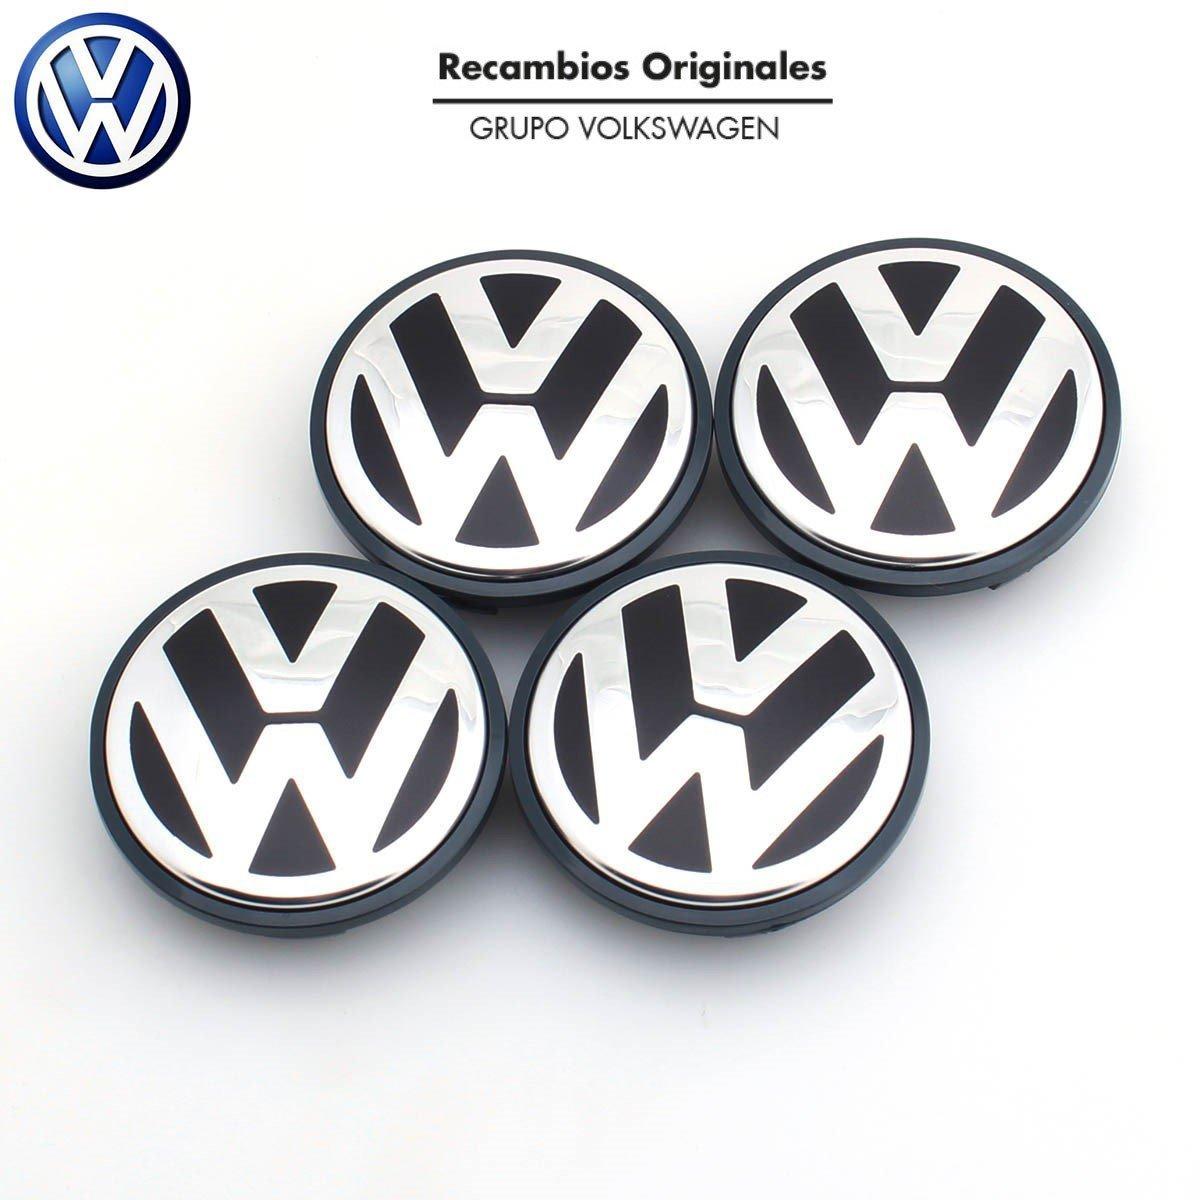 Recambio Original Volkswagen VW Tapacubos Llanta de Aluminio (Golf 5, 6, Jetta, Beetle, Passat B6...) 63 mm..) Juego de 4 piezas .